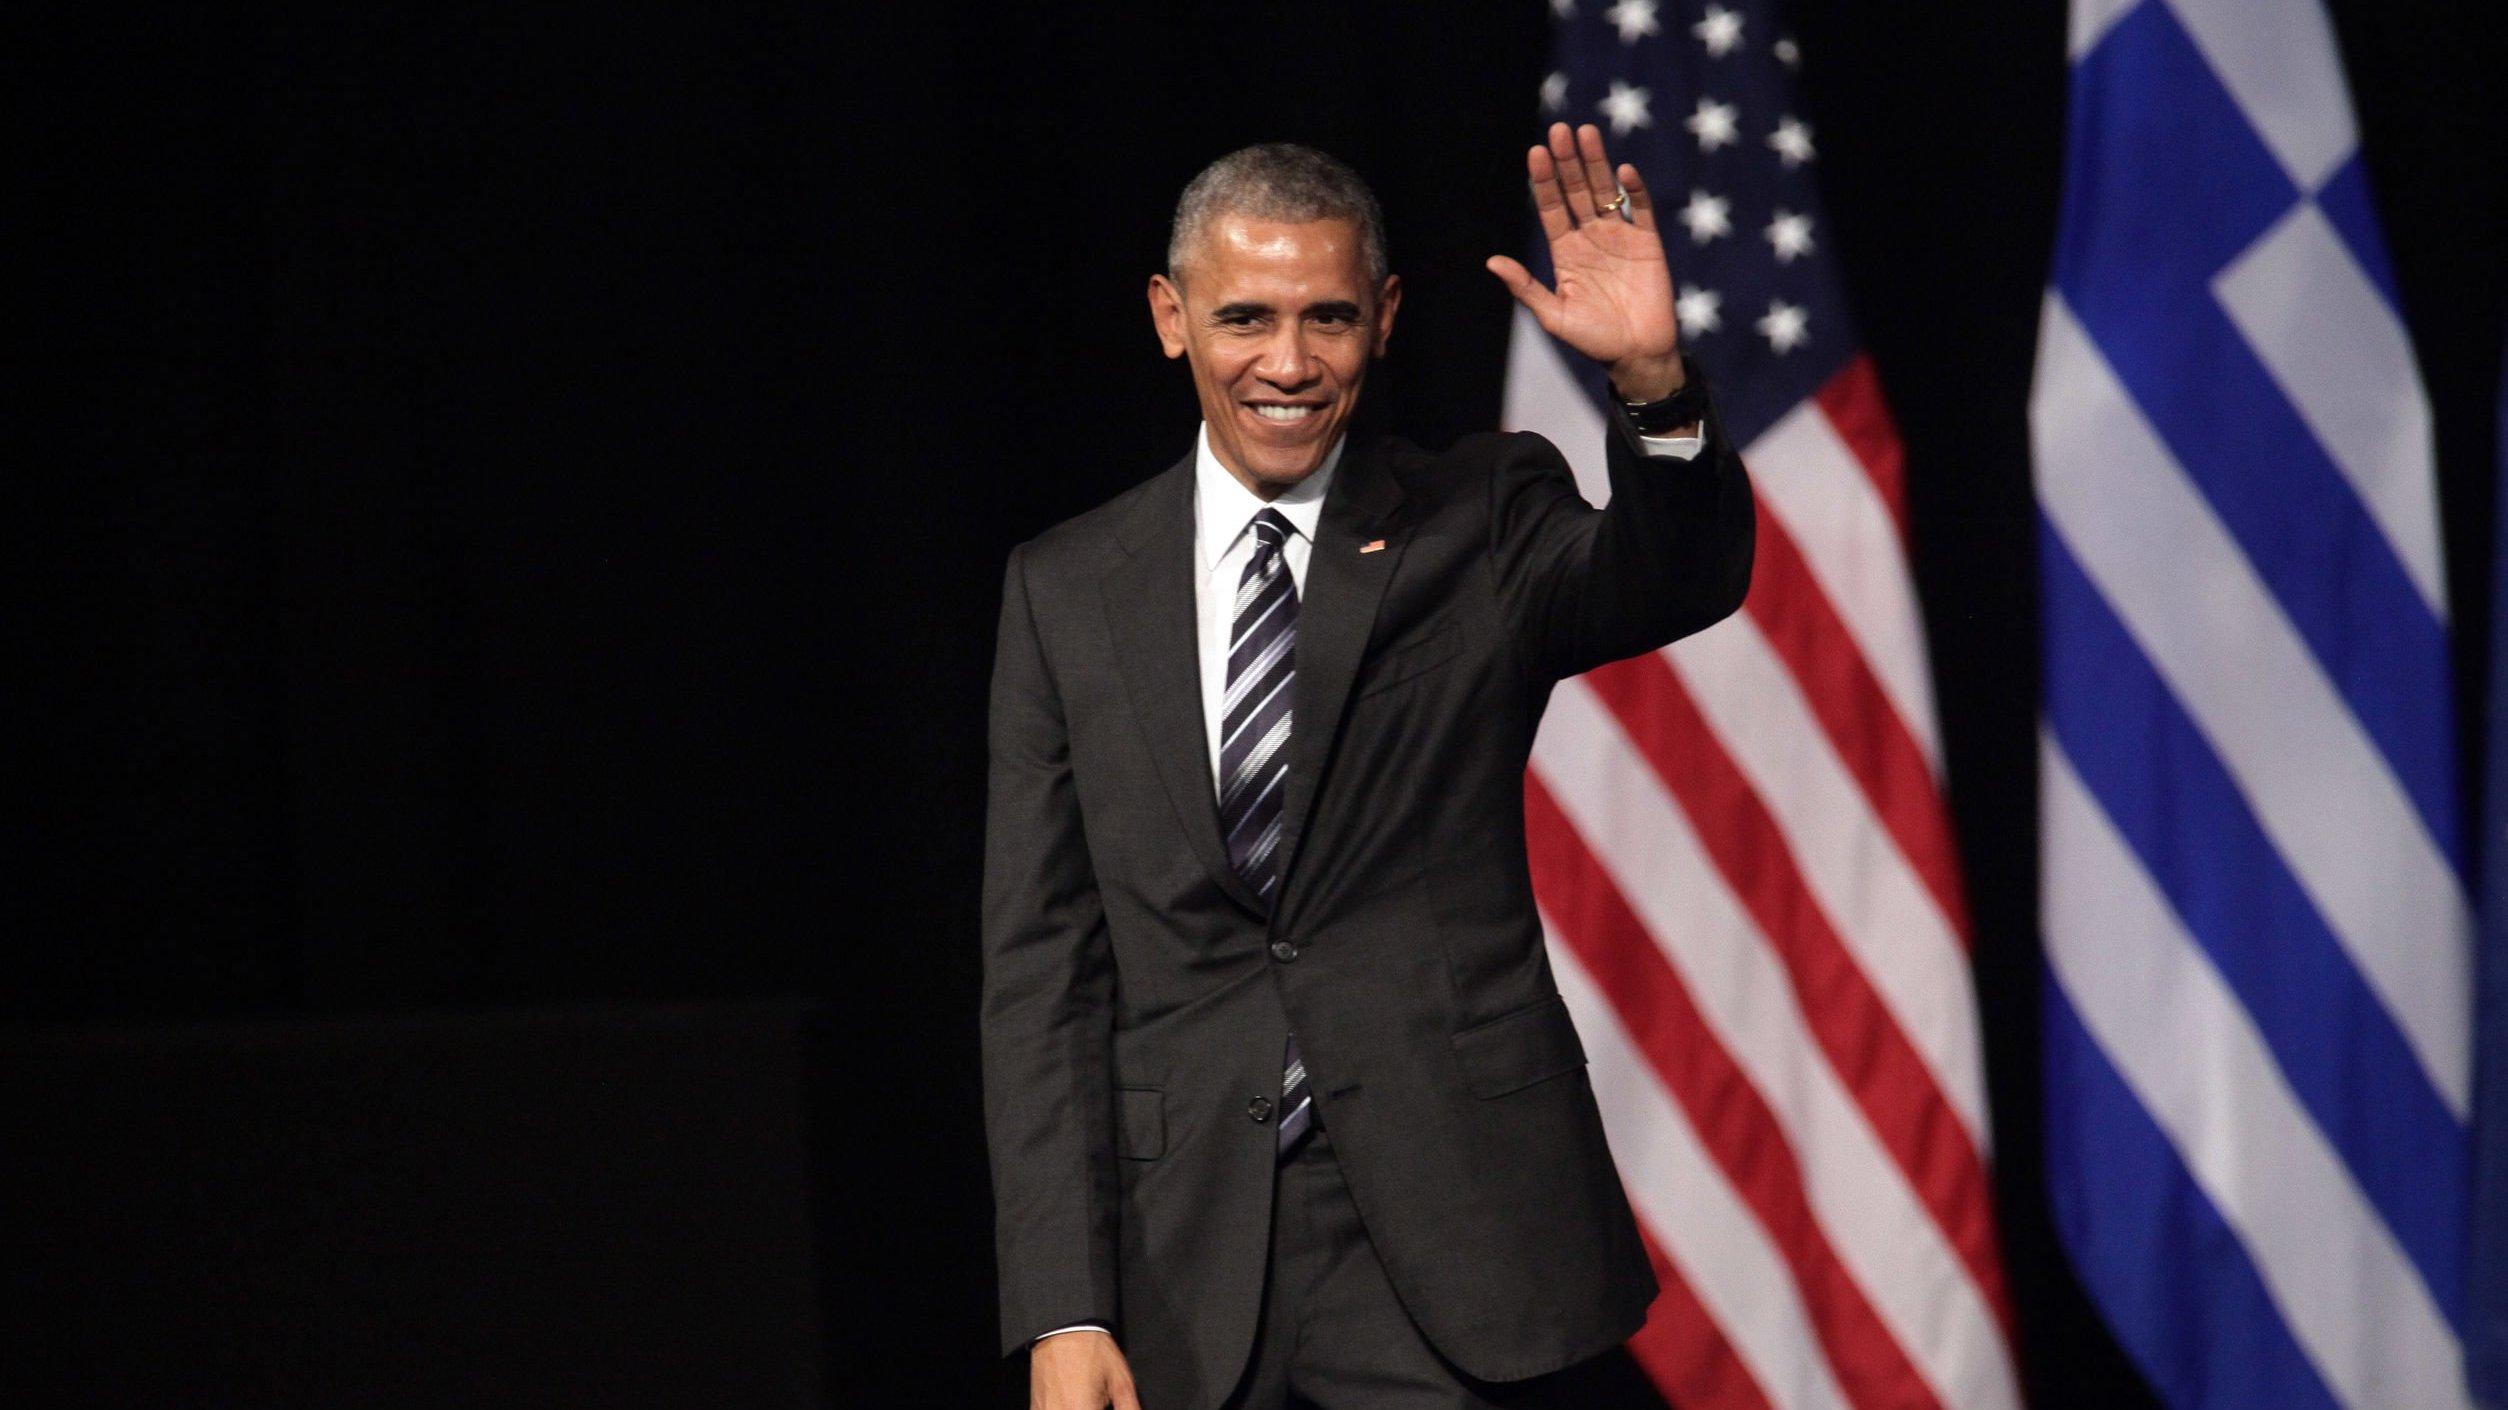 Barack Obama acenando ao lado da bandeira dos Estados Unidos